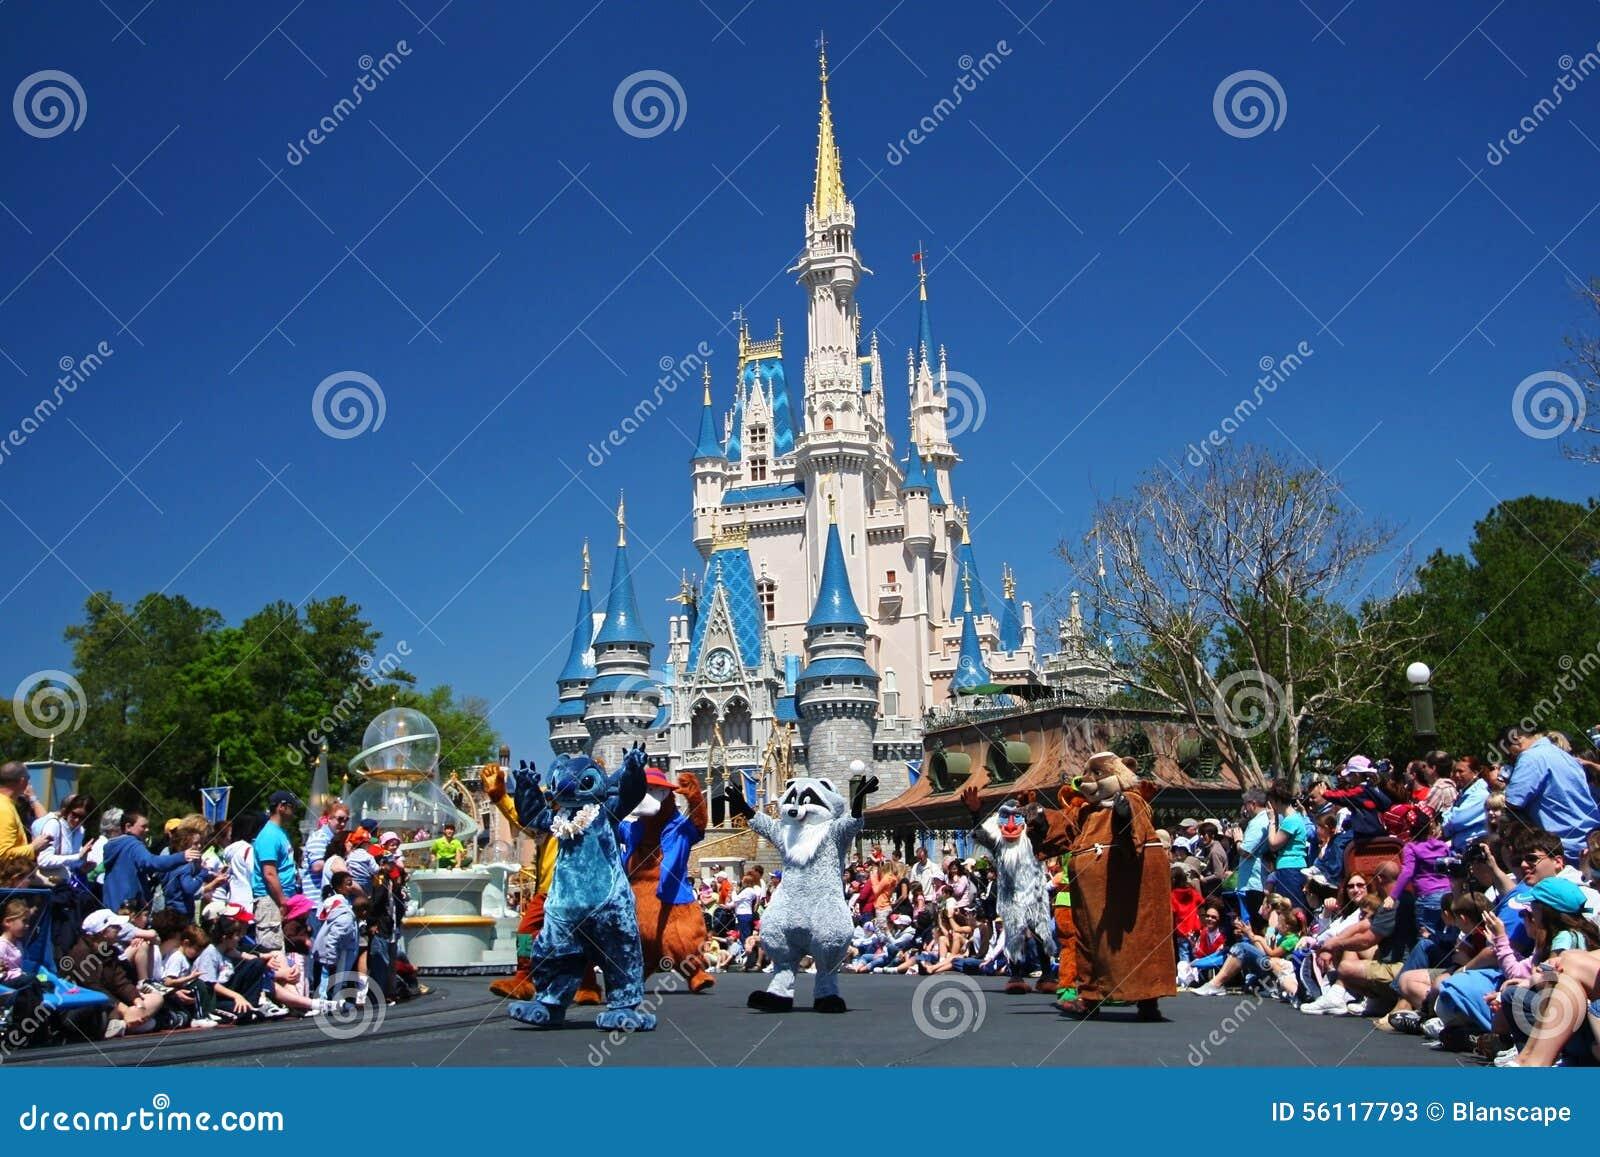 parata in marcia dei personaggi dei cartoni animati di disney nel parco magico di regno